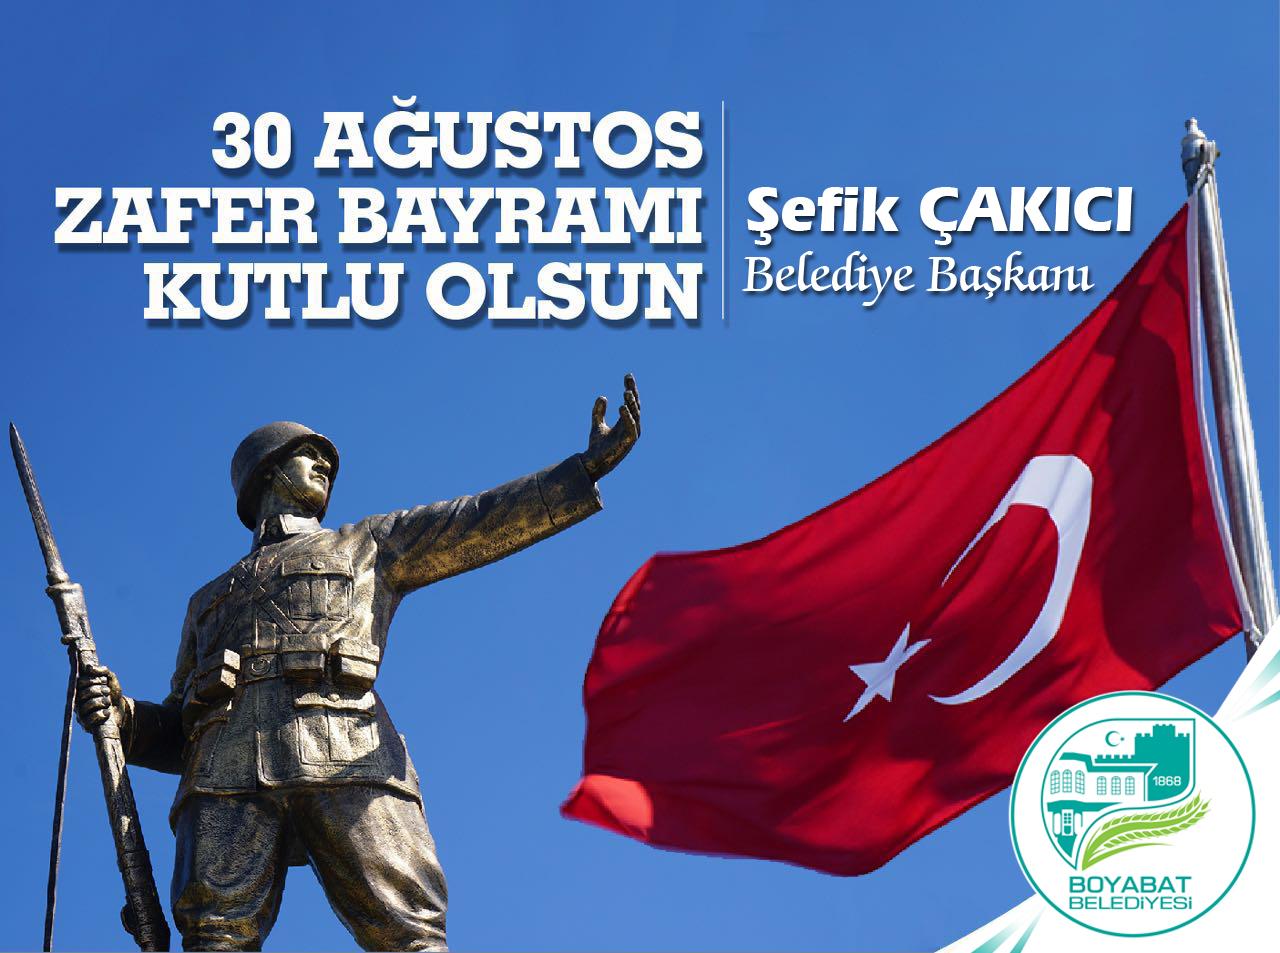 Başkan Çakıcı'dan 30 Ağustos Zafer Bayramı mesajı